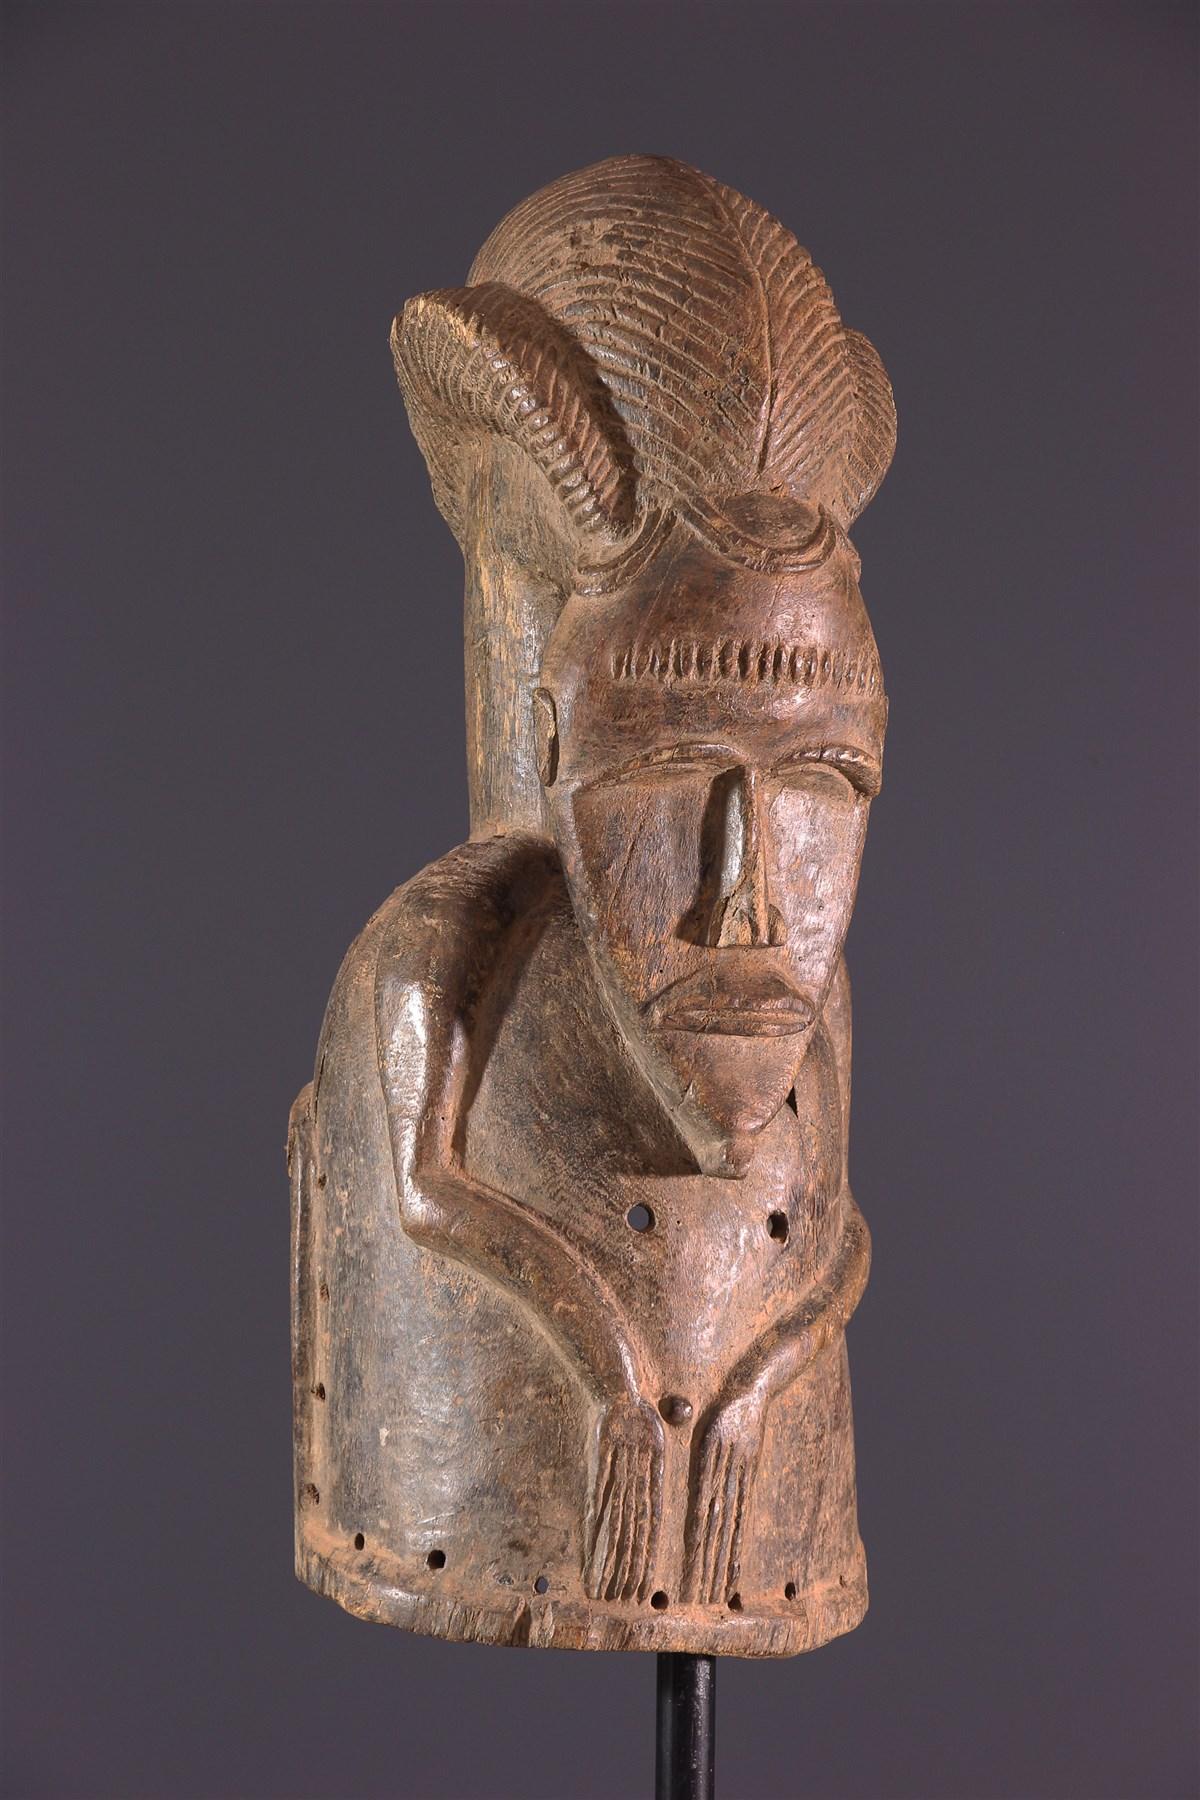 Masque Heaume Baoulé - art primitif